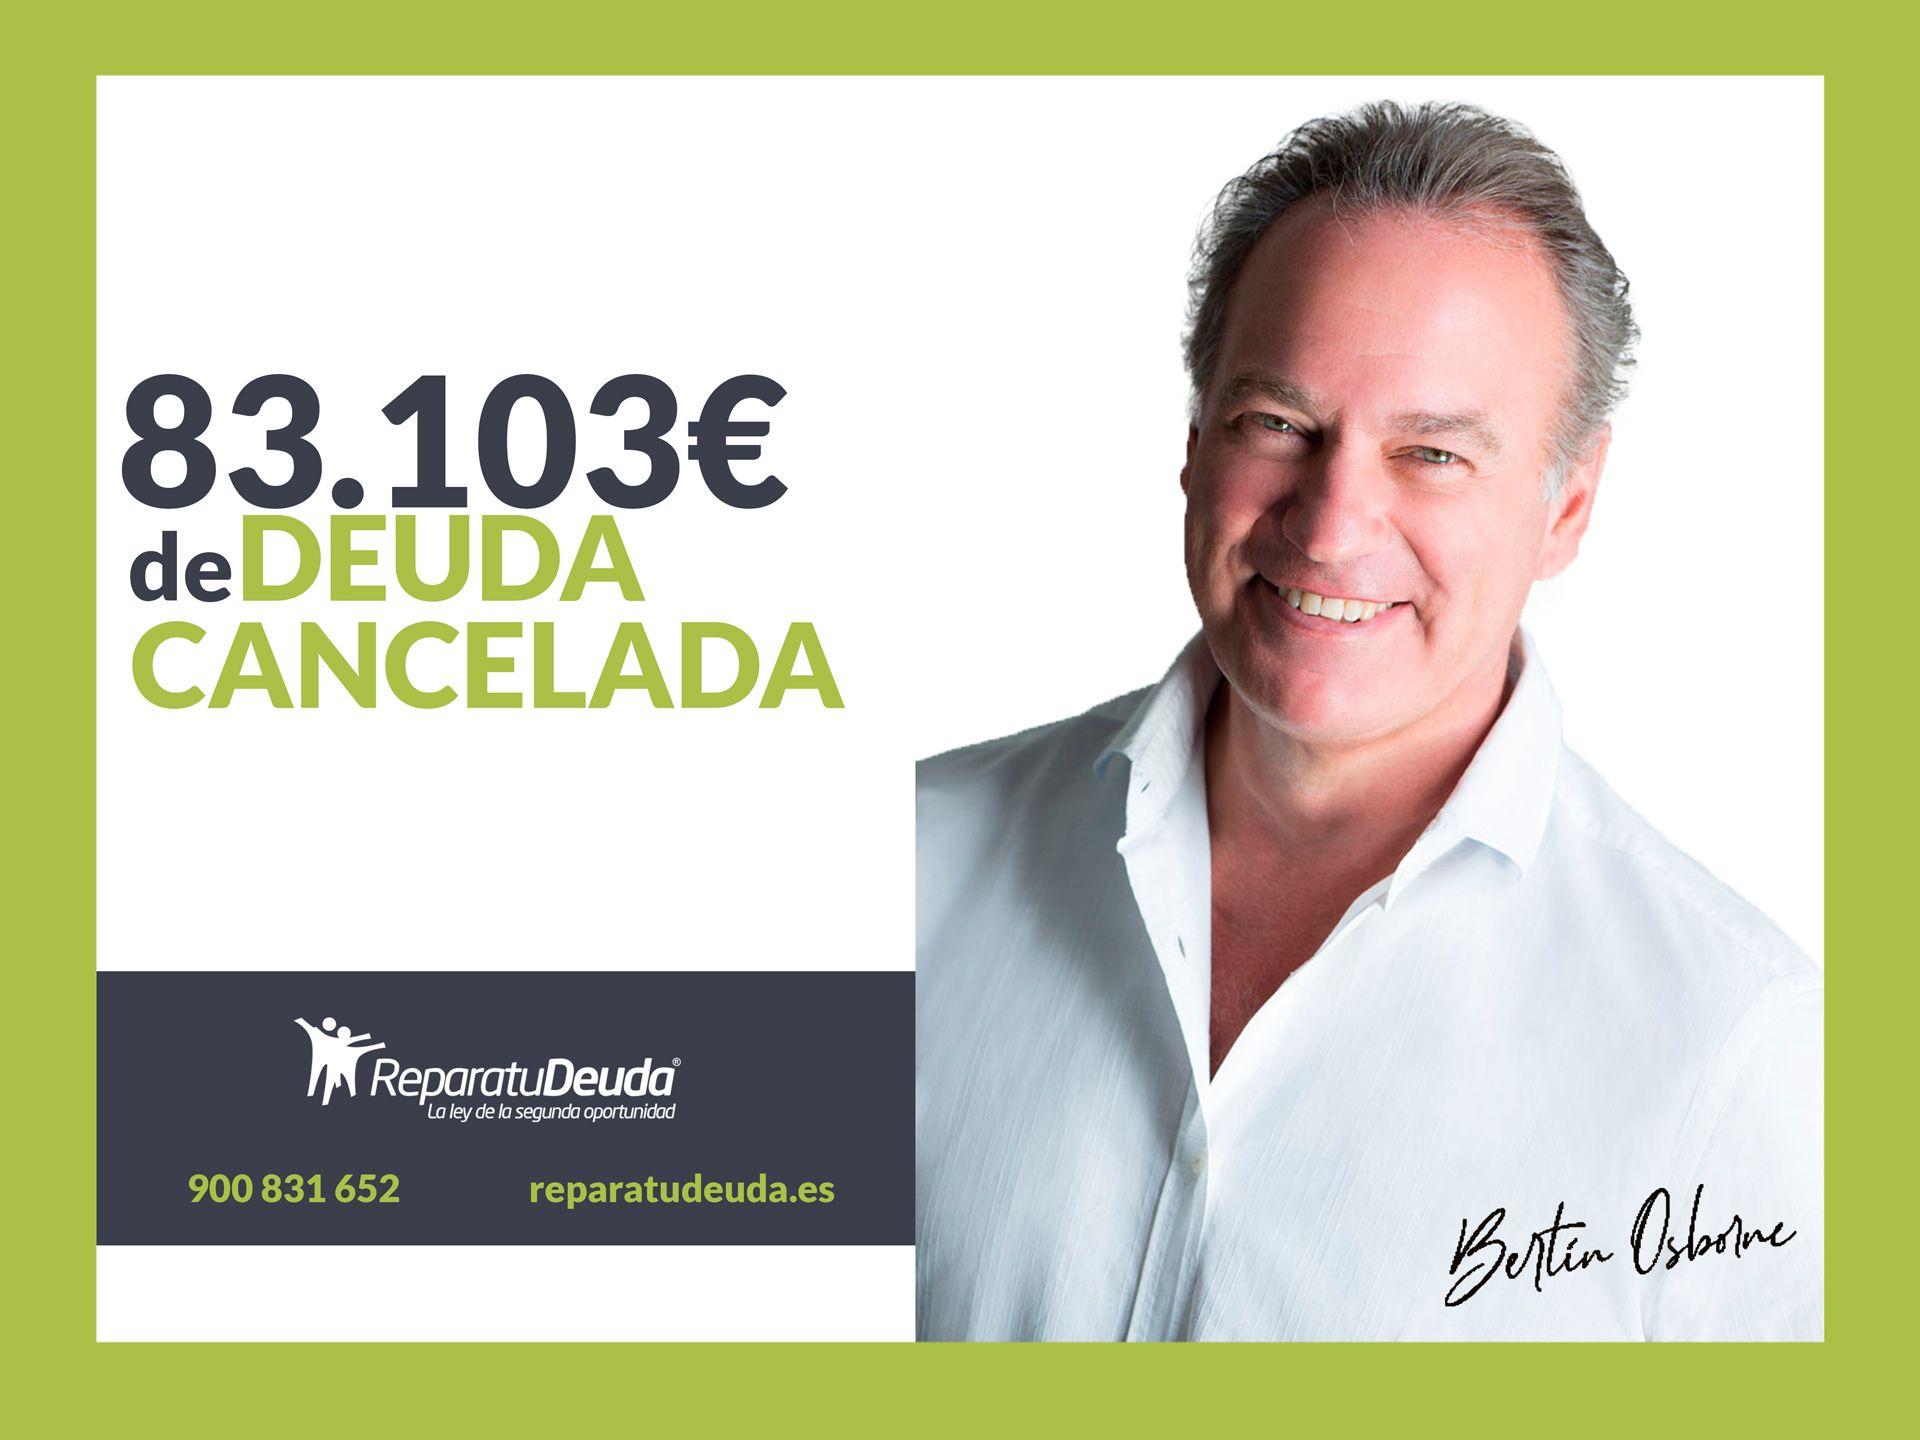 Repara tu Deuda Abogados cancela 83.103 ? en Mallorca (Islas Baleares) con la Ley de Segunda Oportunidad